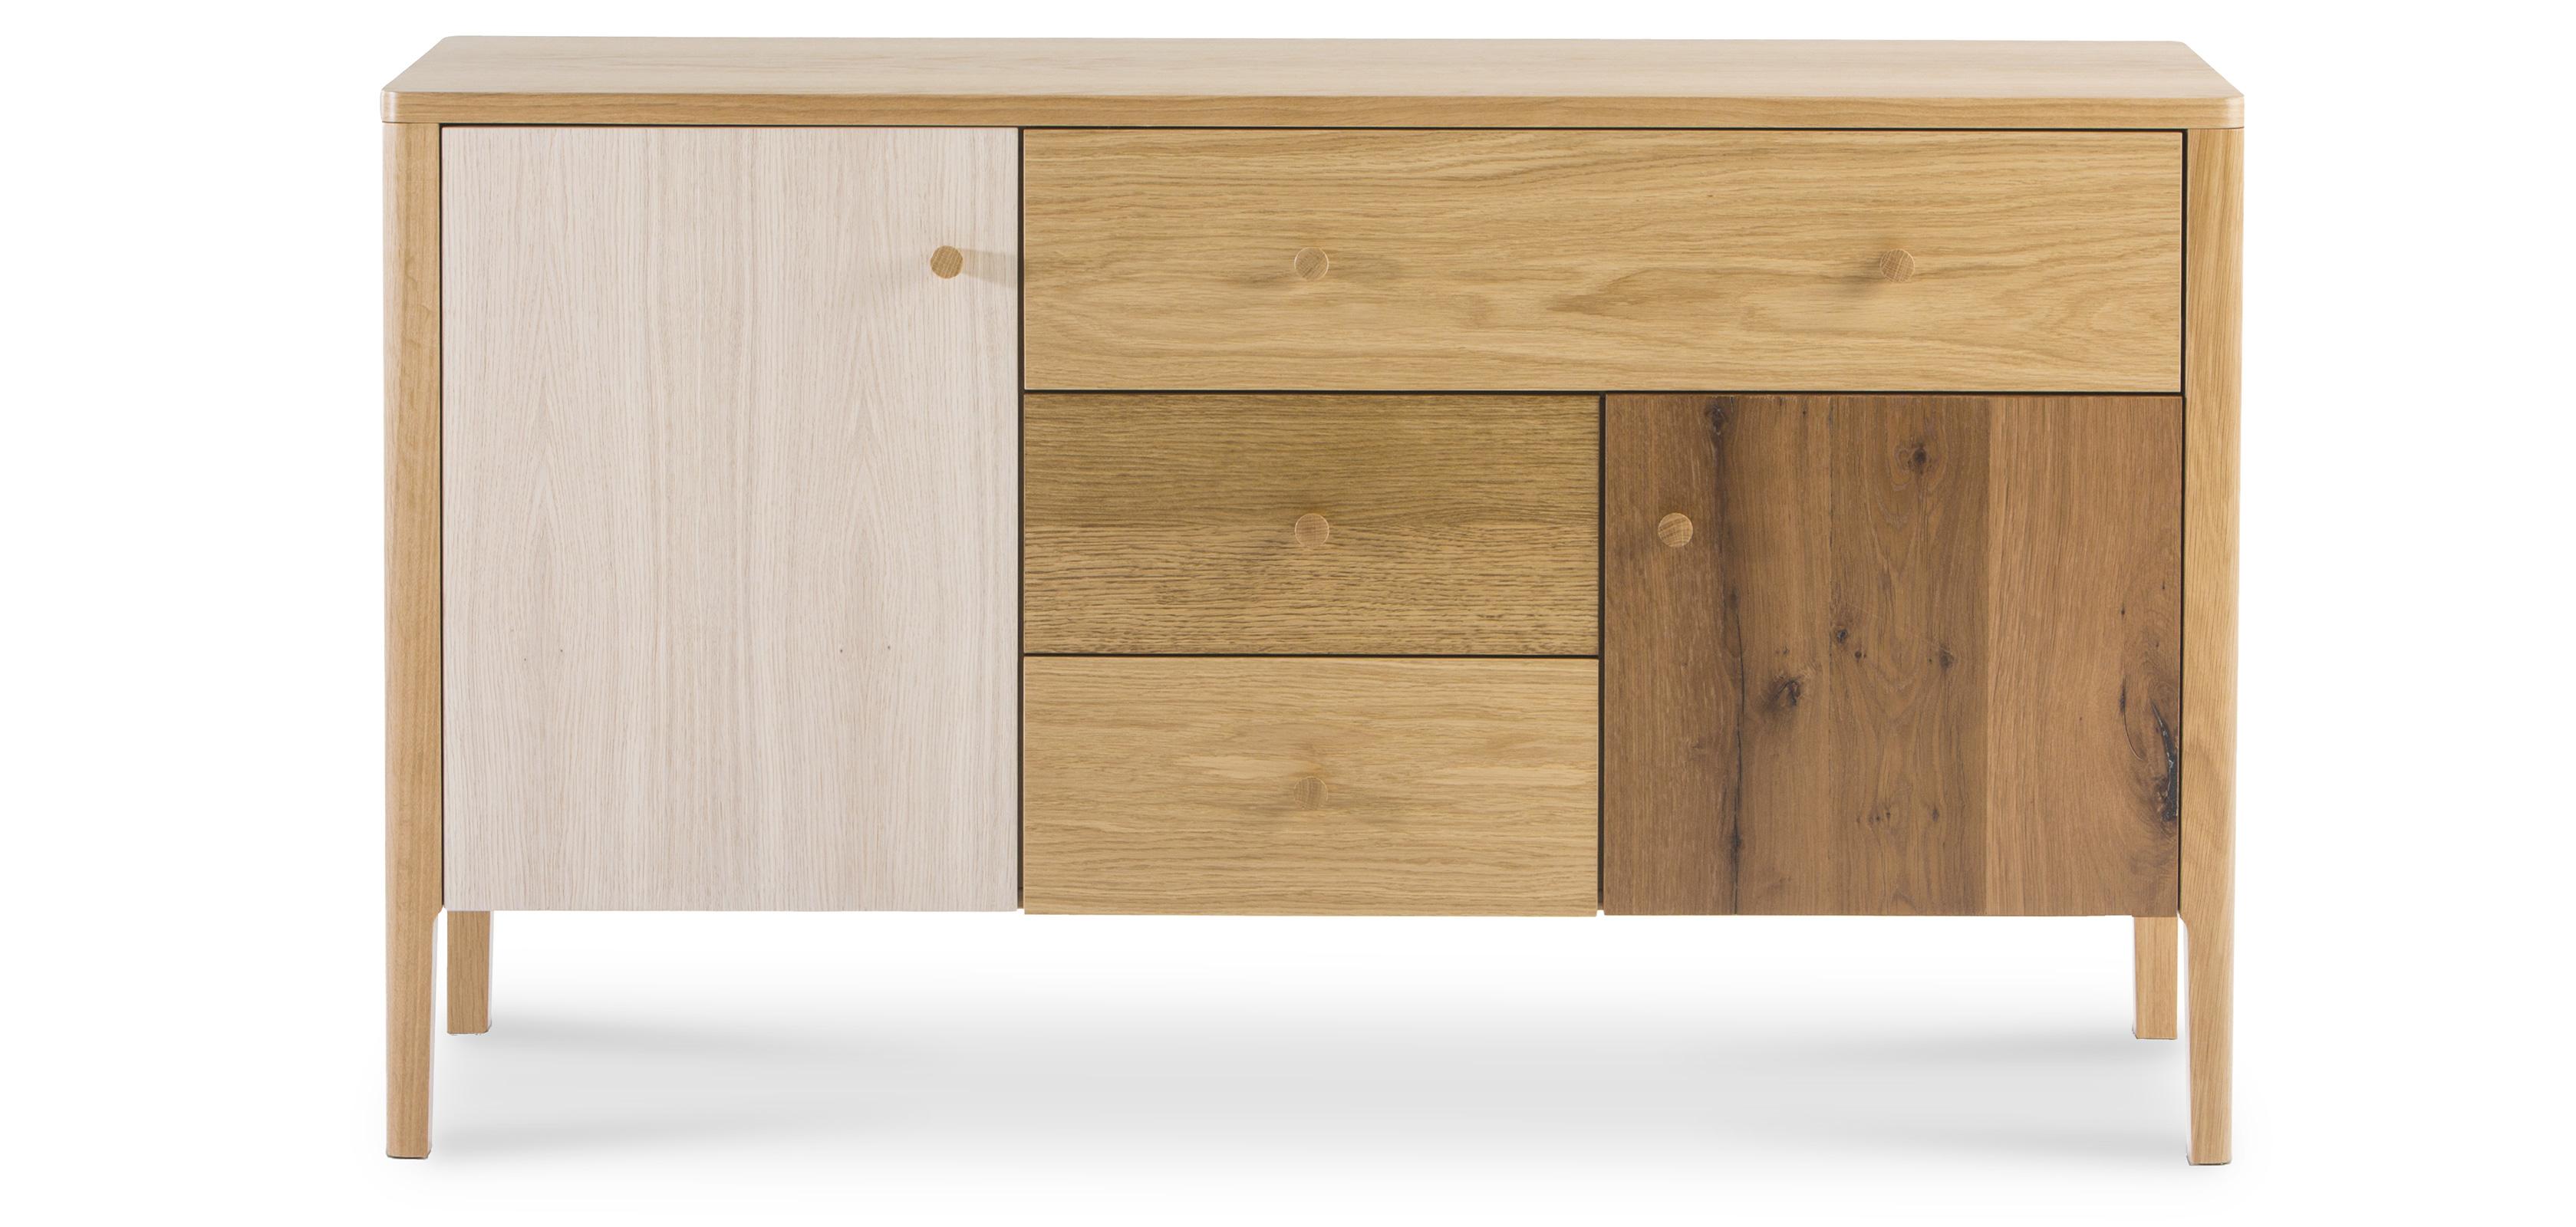 Credenza in legno stile scandinavo - Villu